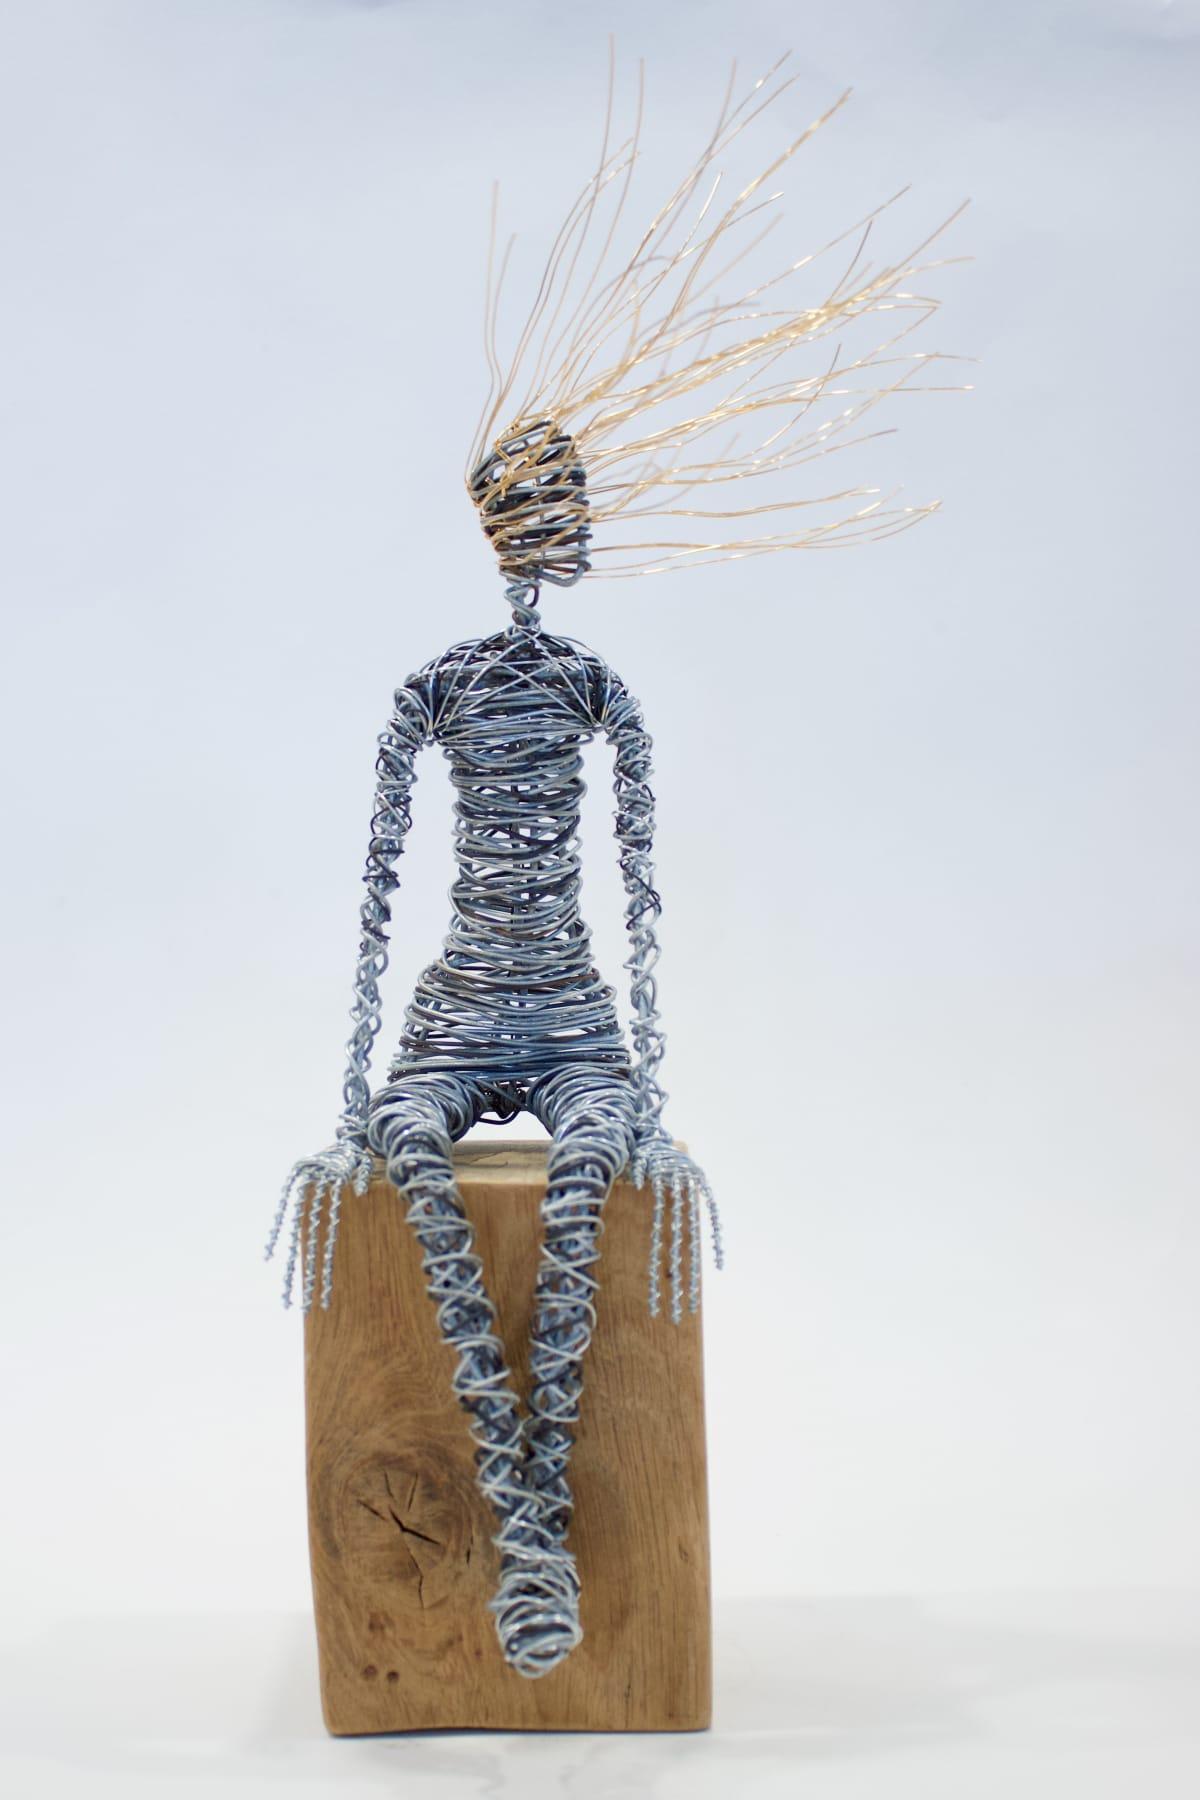 Rachel Ducker Sitting, 2019 Wire Sculpture 36 x 25 x 16 cm 14 1/8 x 9 7/8 x 6 1/4 in